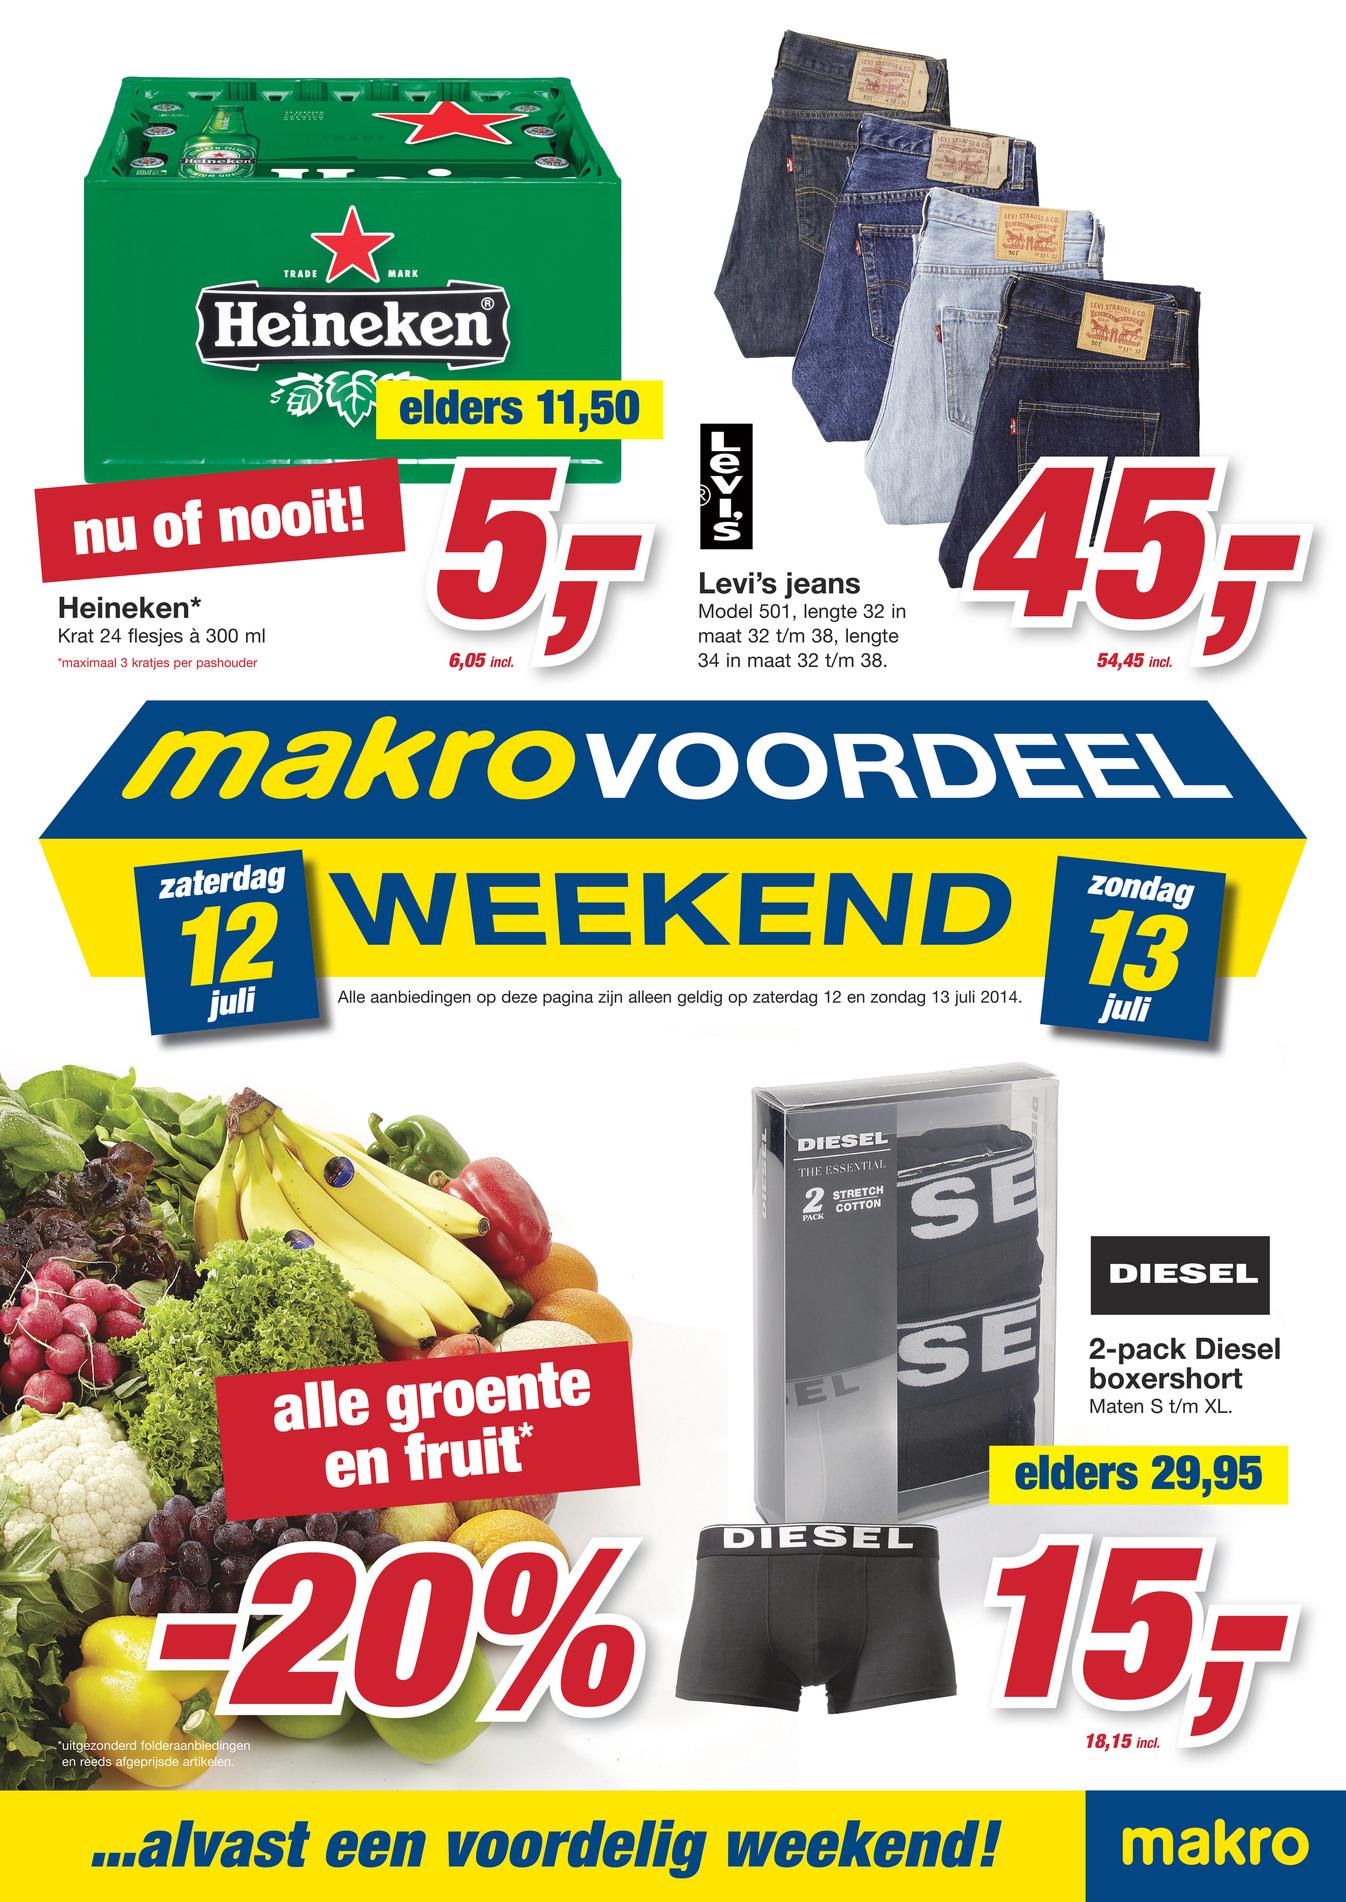 Krat Heineken (24 flessen) dit weekend voor € 6,05 @ Makro